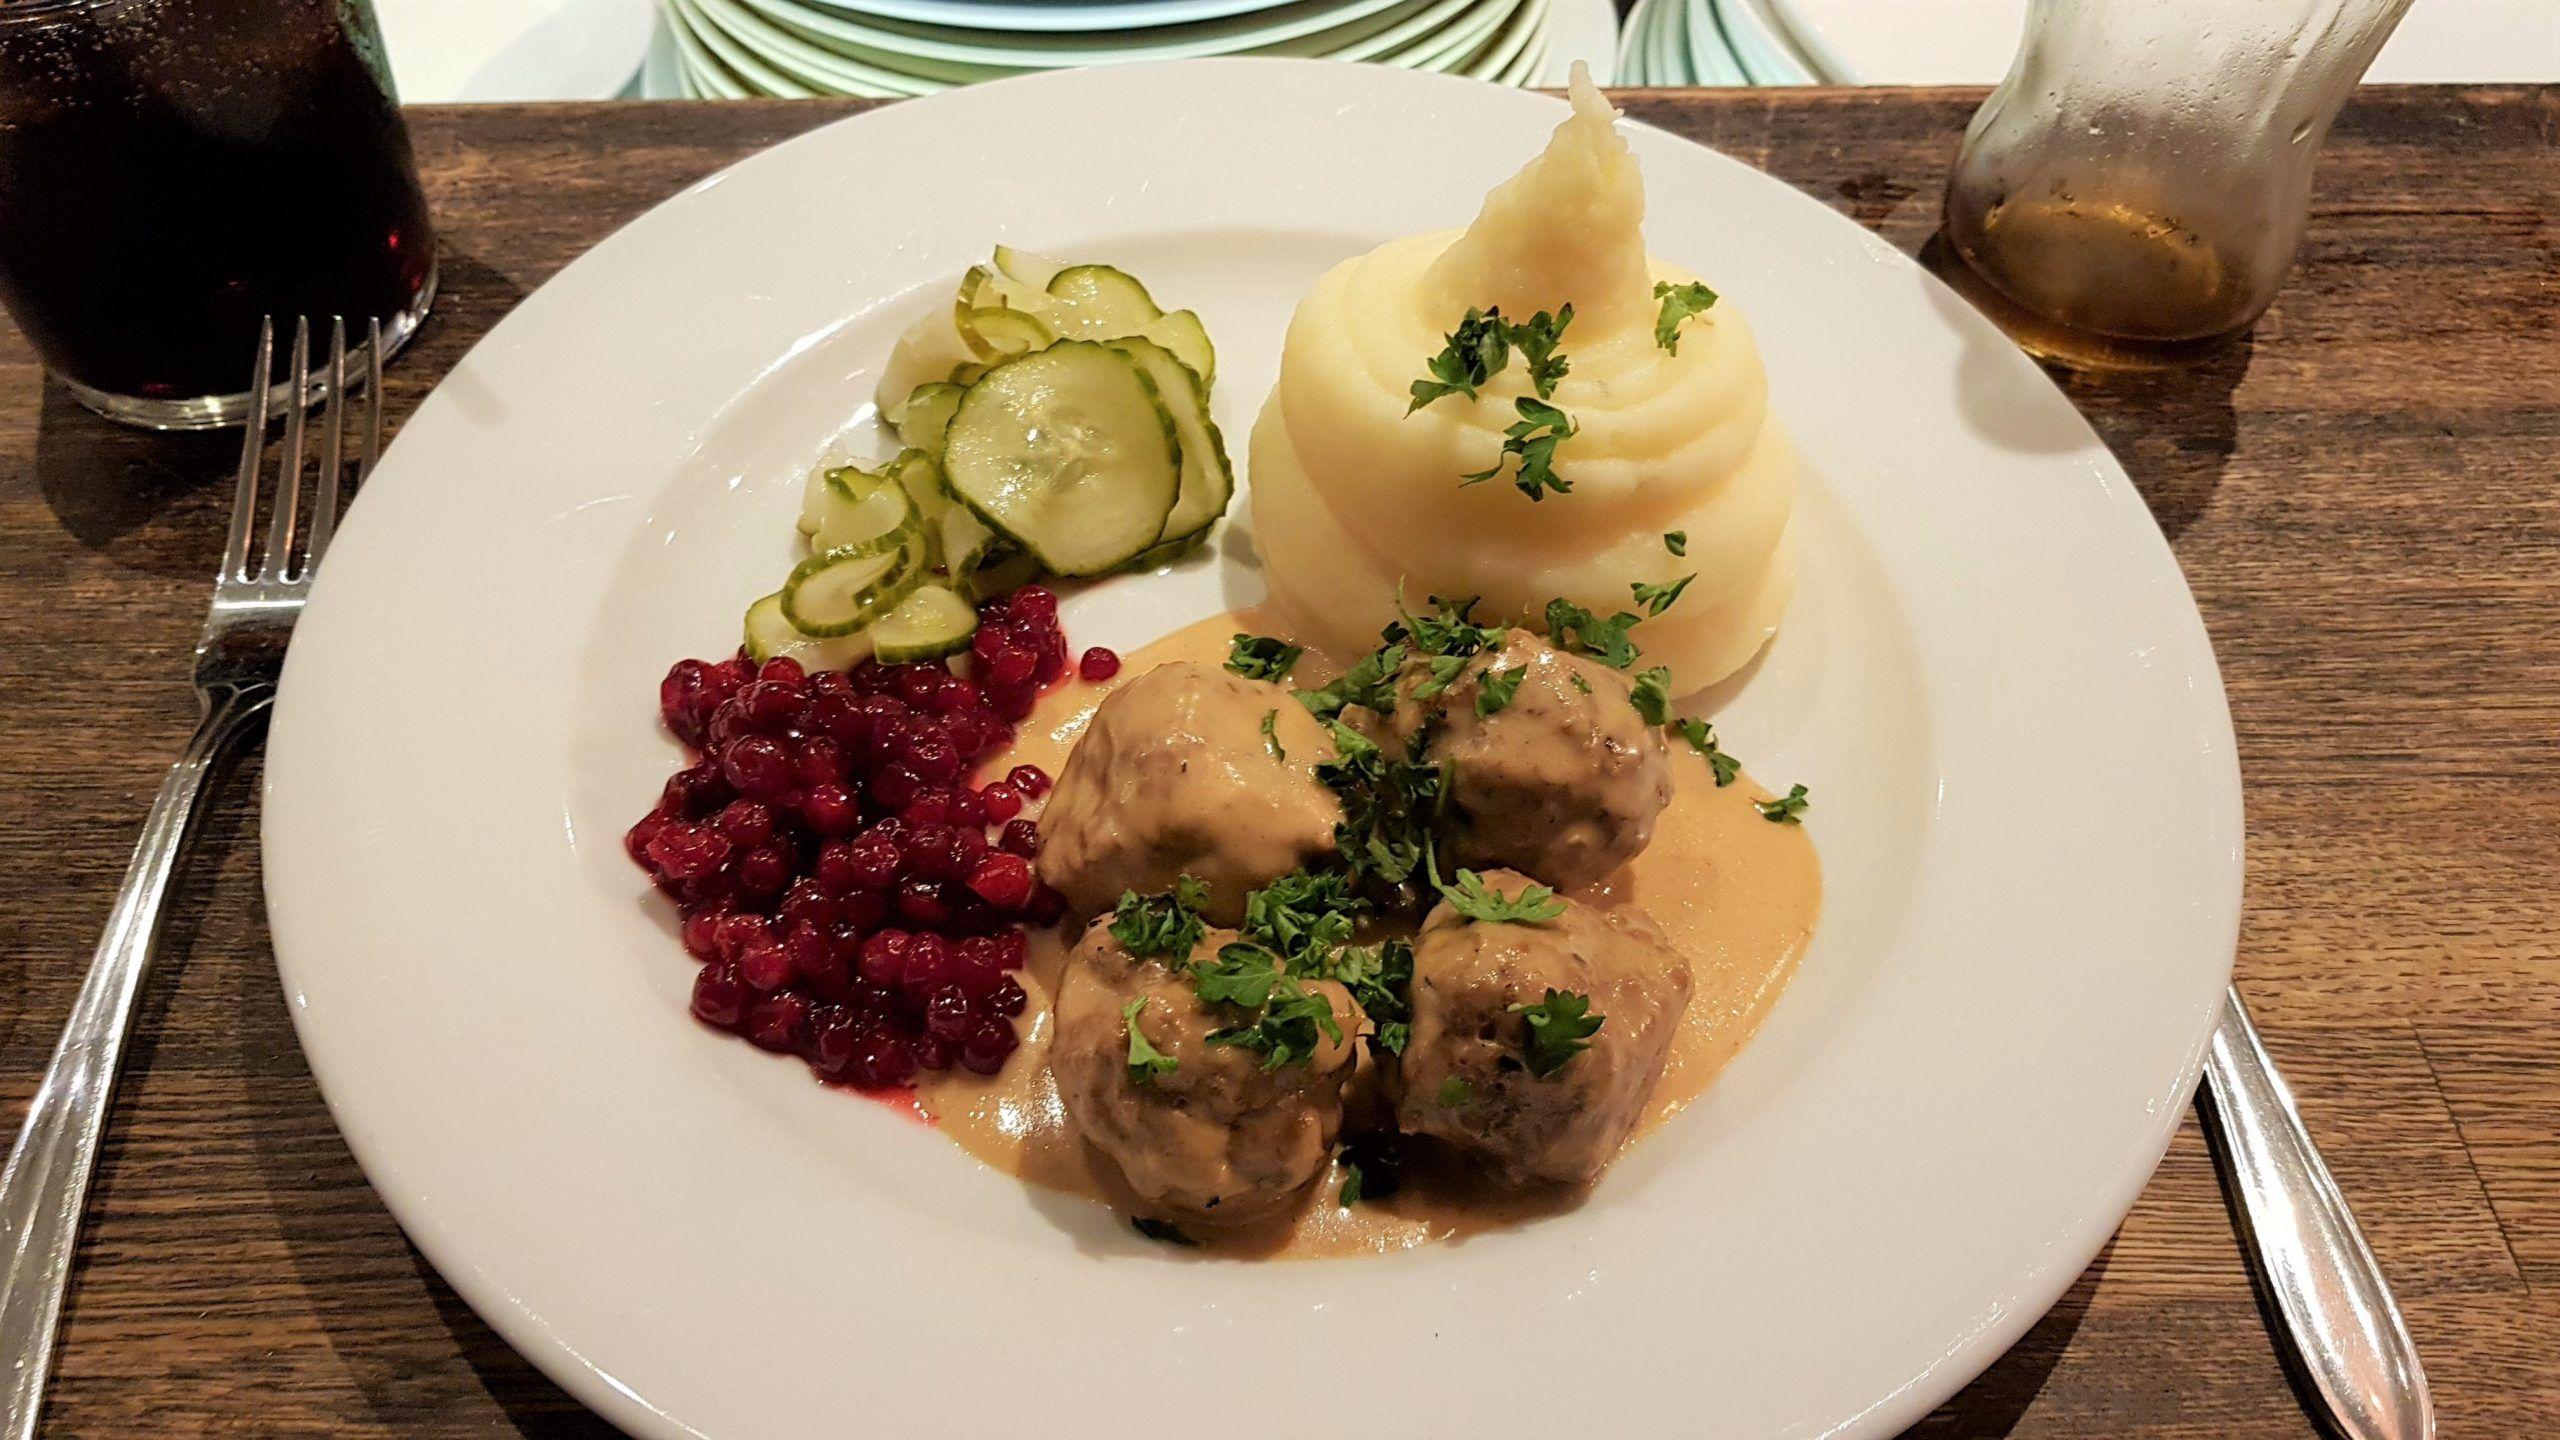 albóndigas suecas con puré de patata, uno de los platos típicos noruegos.